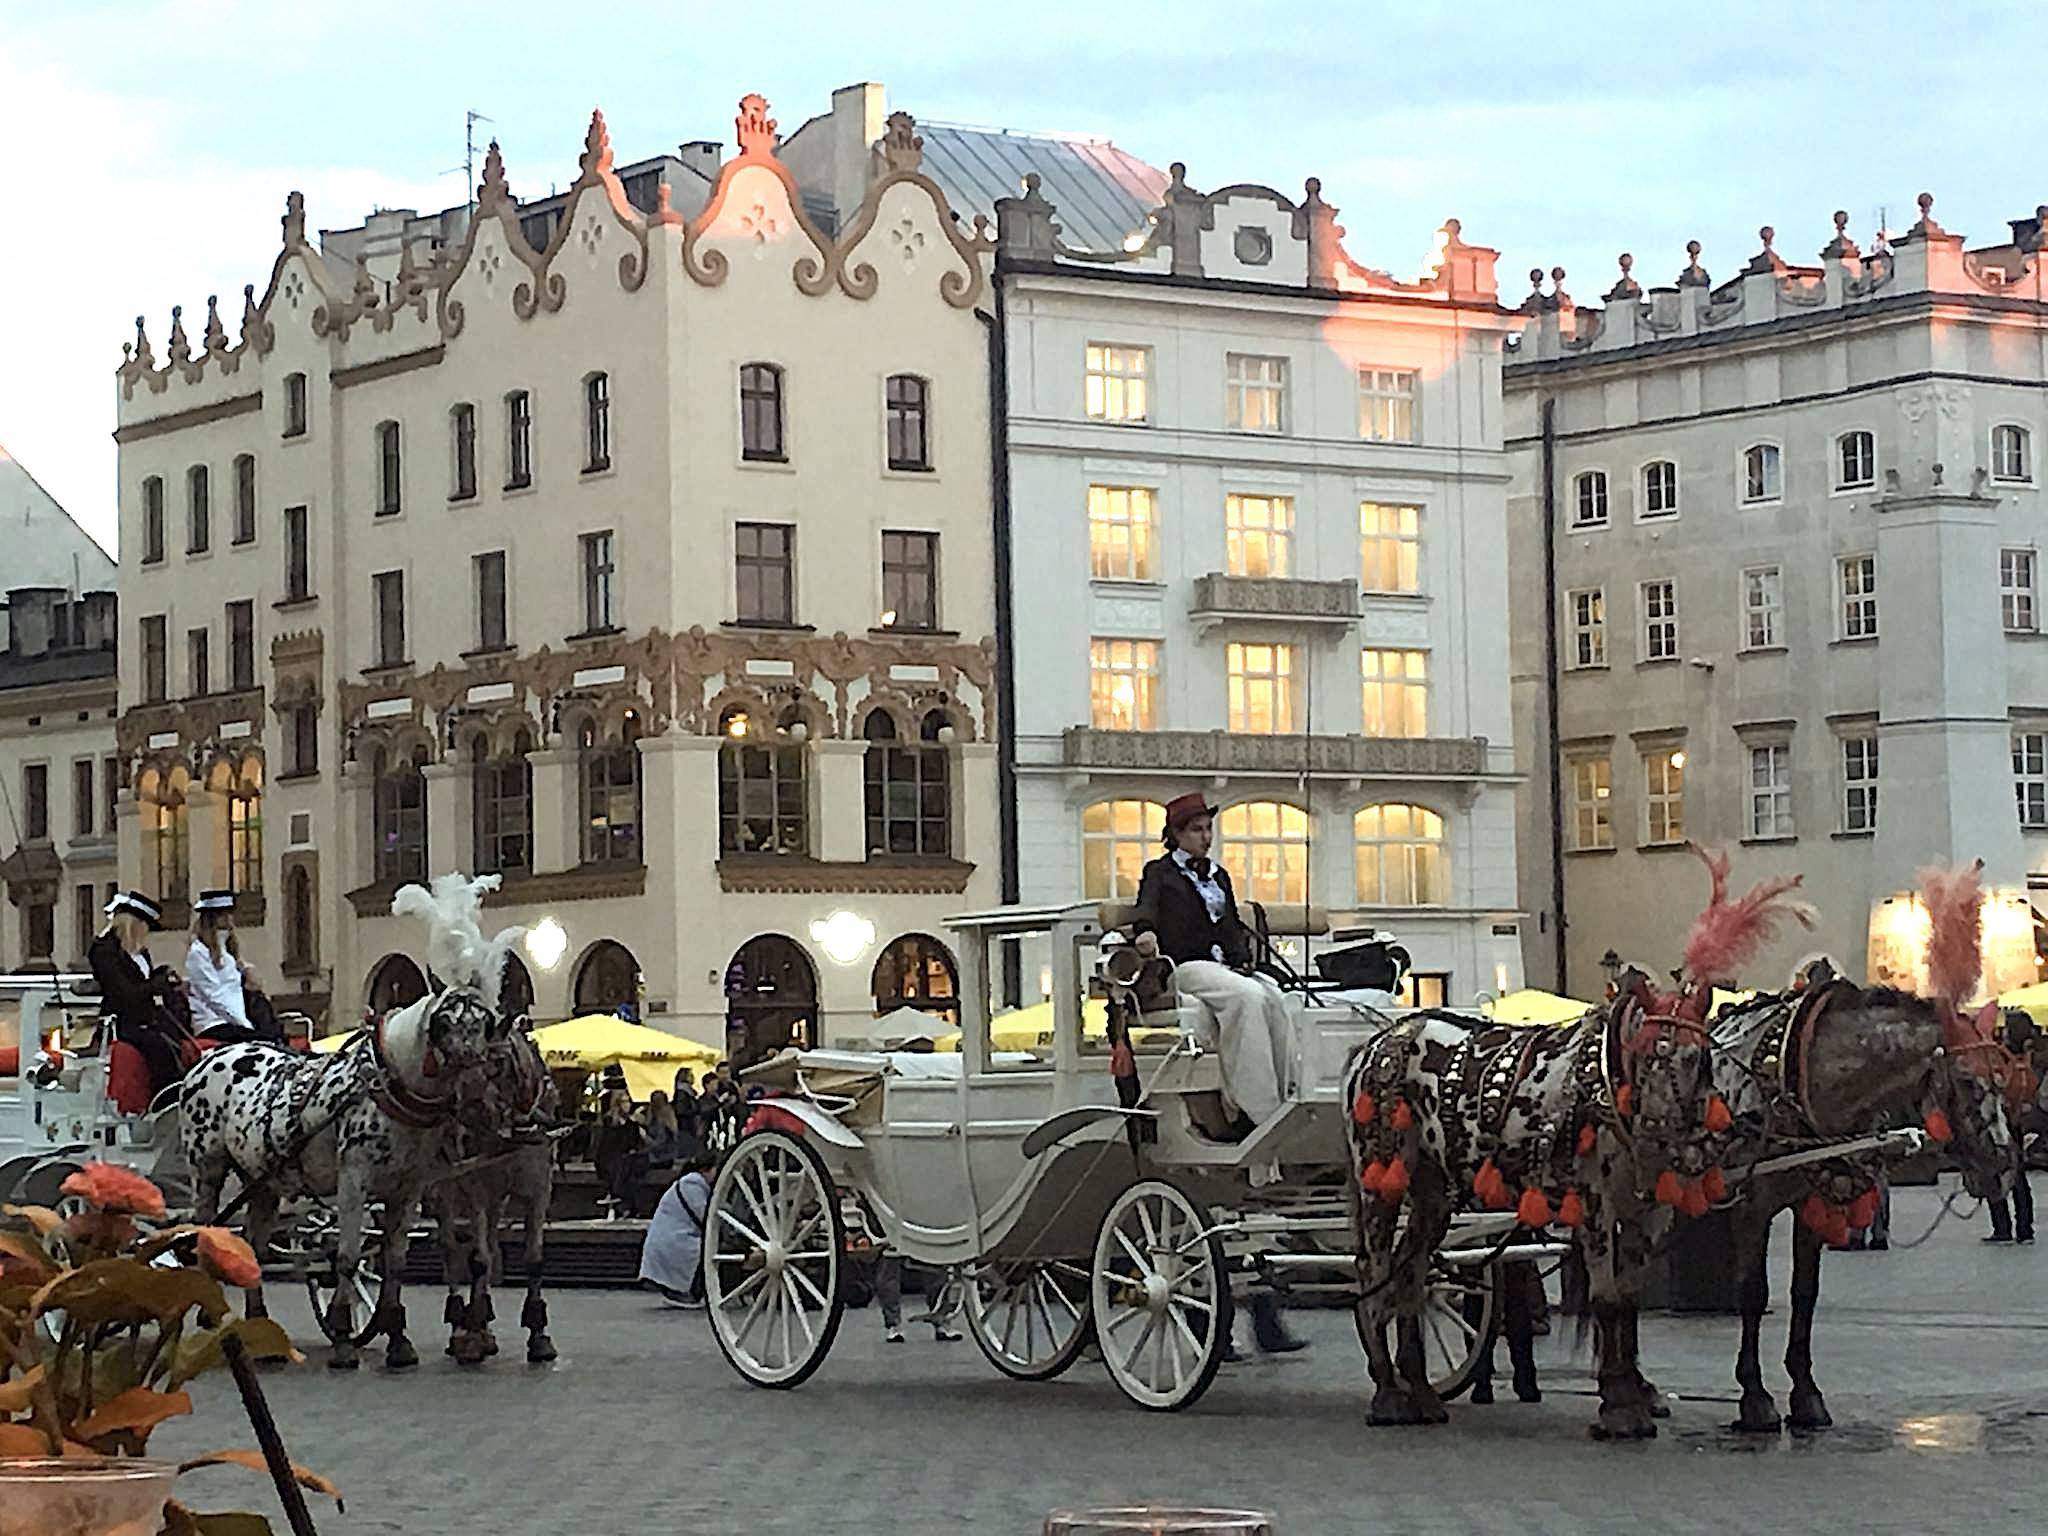 Night in Krakow Square